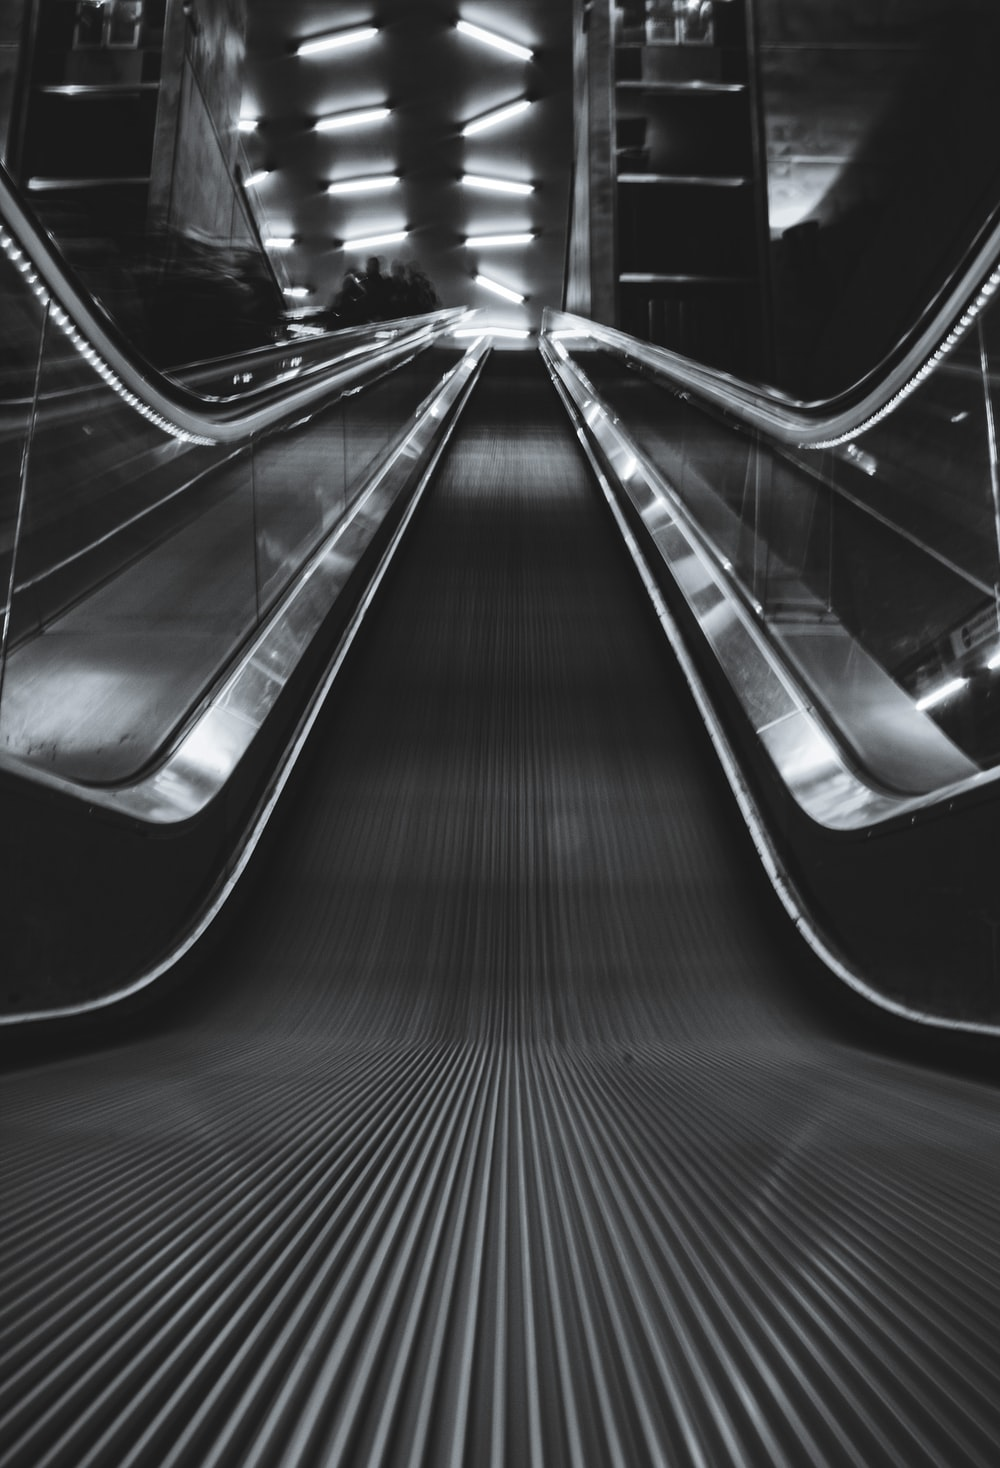 black and silver escalator in a tunnel